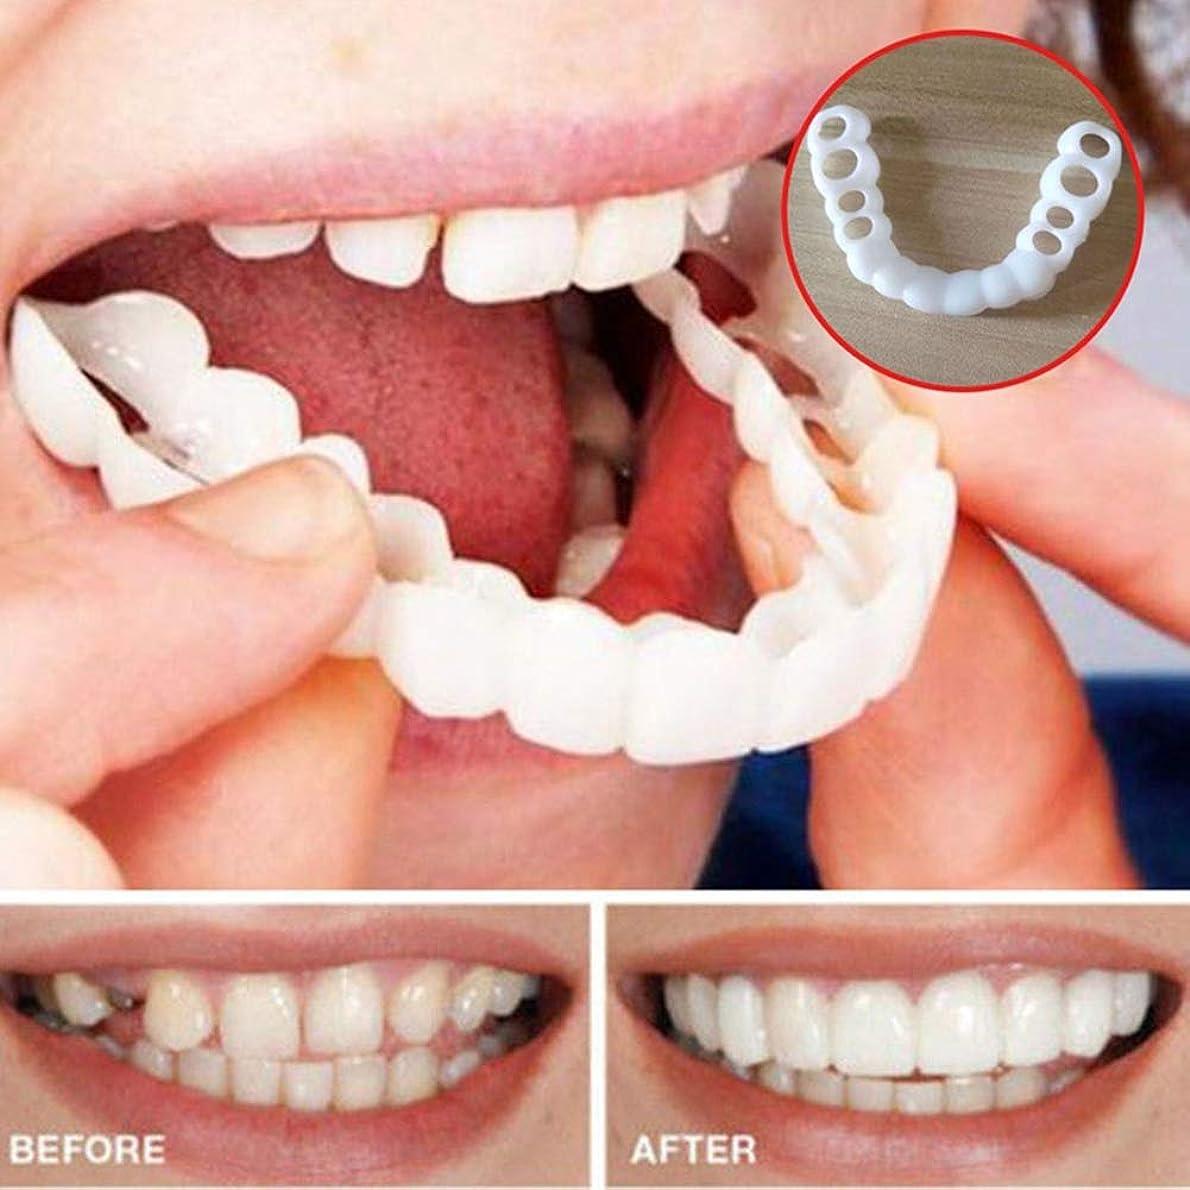 見分けるマチュピチュメンダシティ化粧用歯14ペア歯のホワイトニングフェイクトゥースカバースナップオンシリコンパーフェクトスマイルベニア歯上下の美容ツール